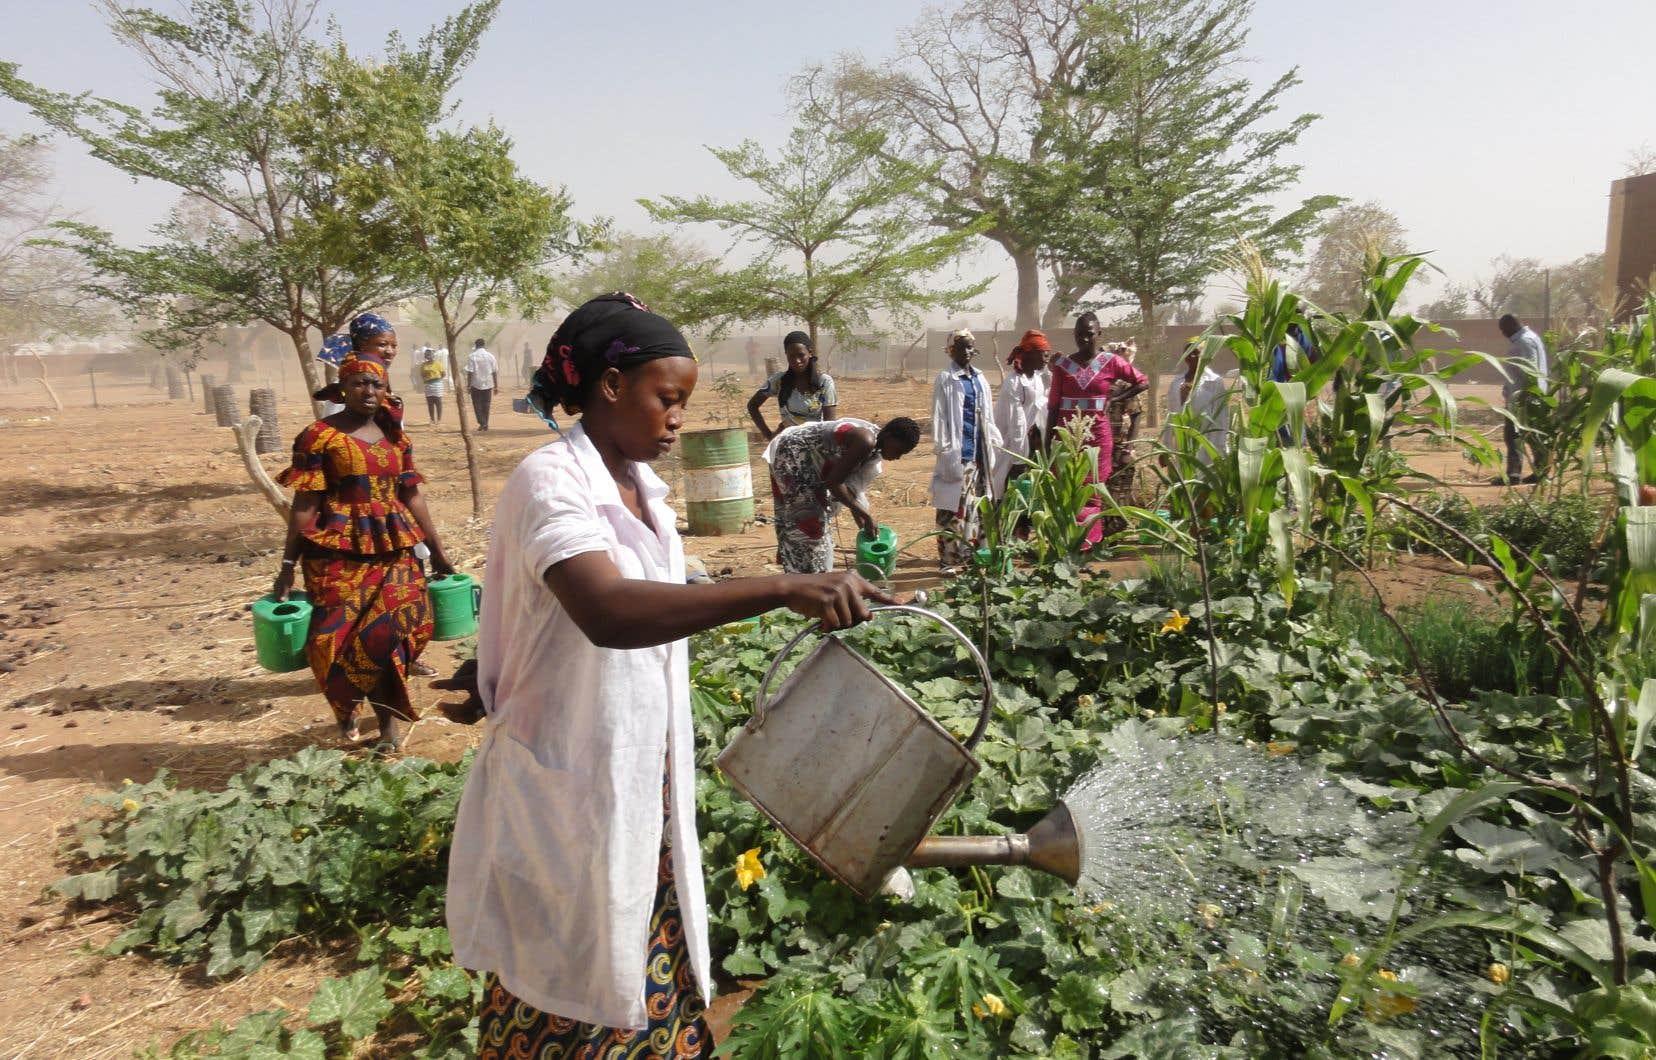 Au Mali, l'exode rural s'explique notamment par un désamour du métier d'agriculteur, perçu comme peu rémunérateur.